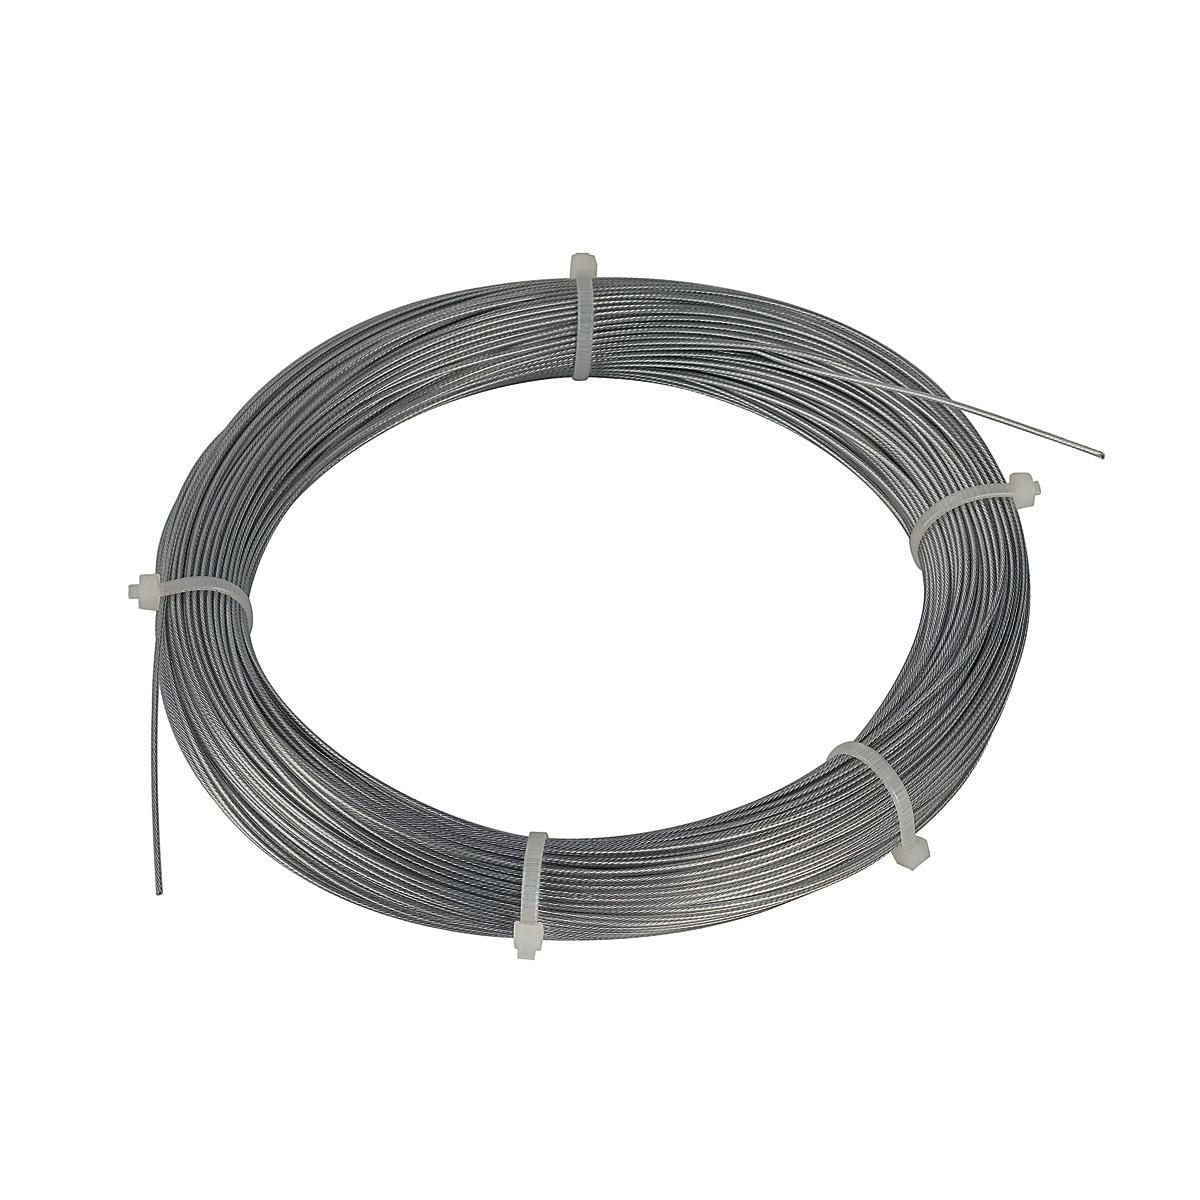 1 Stk Stahlseil 0,75mm mit PVC-Ummantelung, 100m Ringe, verzinkt LI961031--